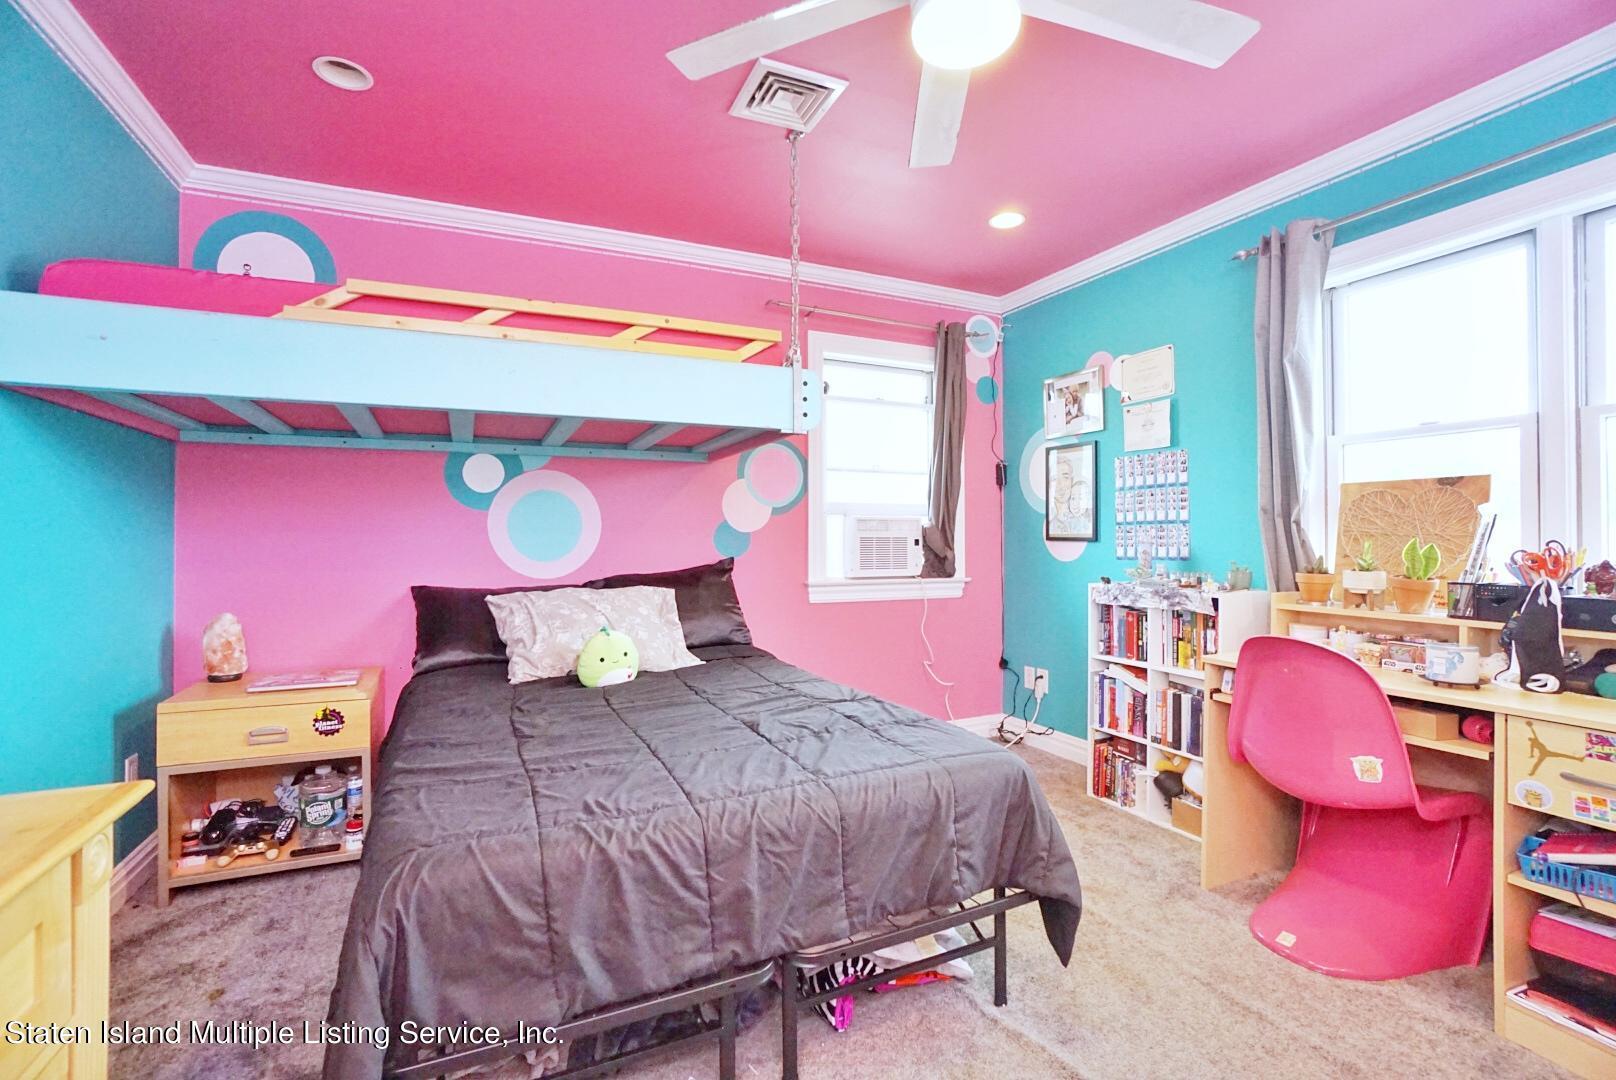 Single Family - Detached 206 Ramapo Avenue  Staten Island, NY 10309, MLS-1147193-29